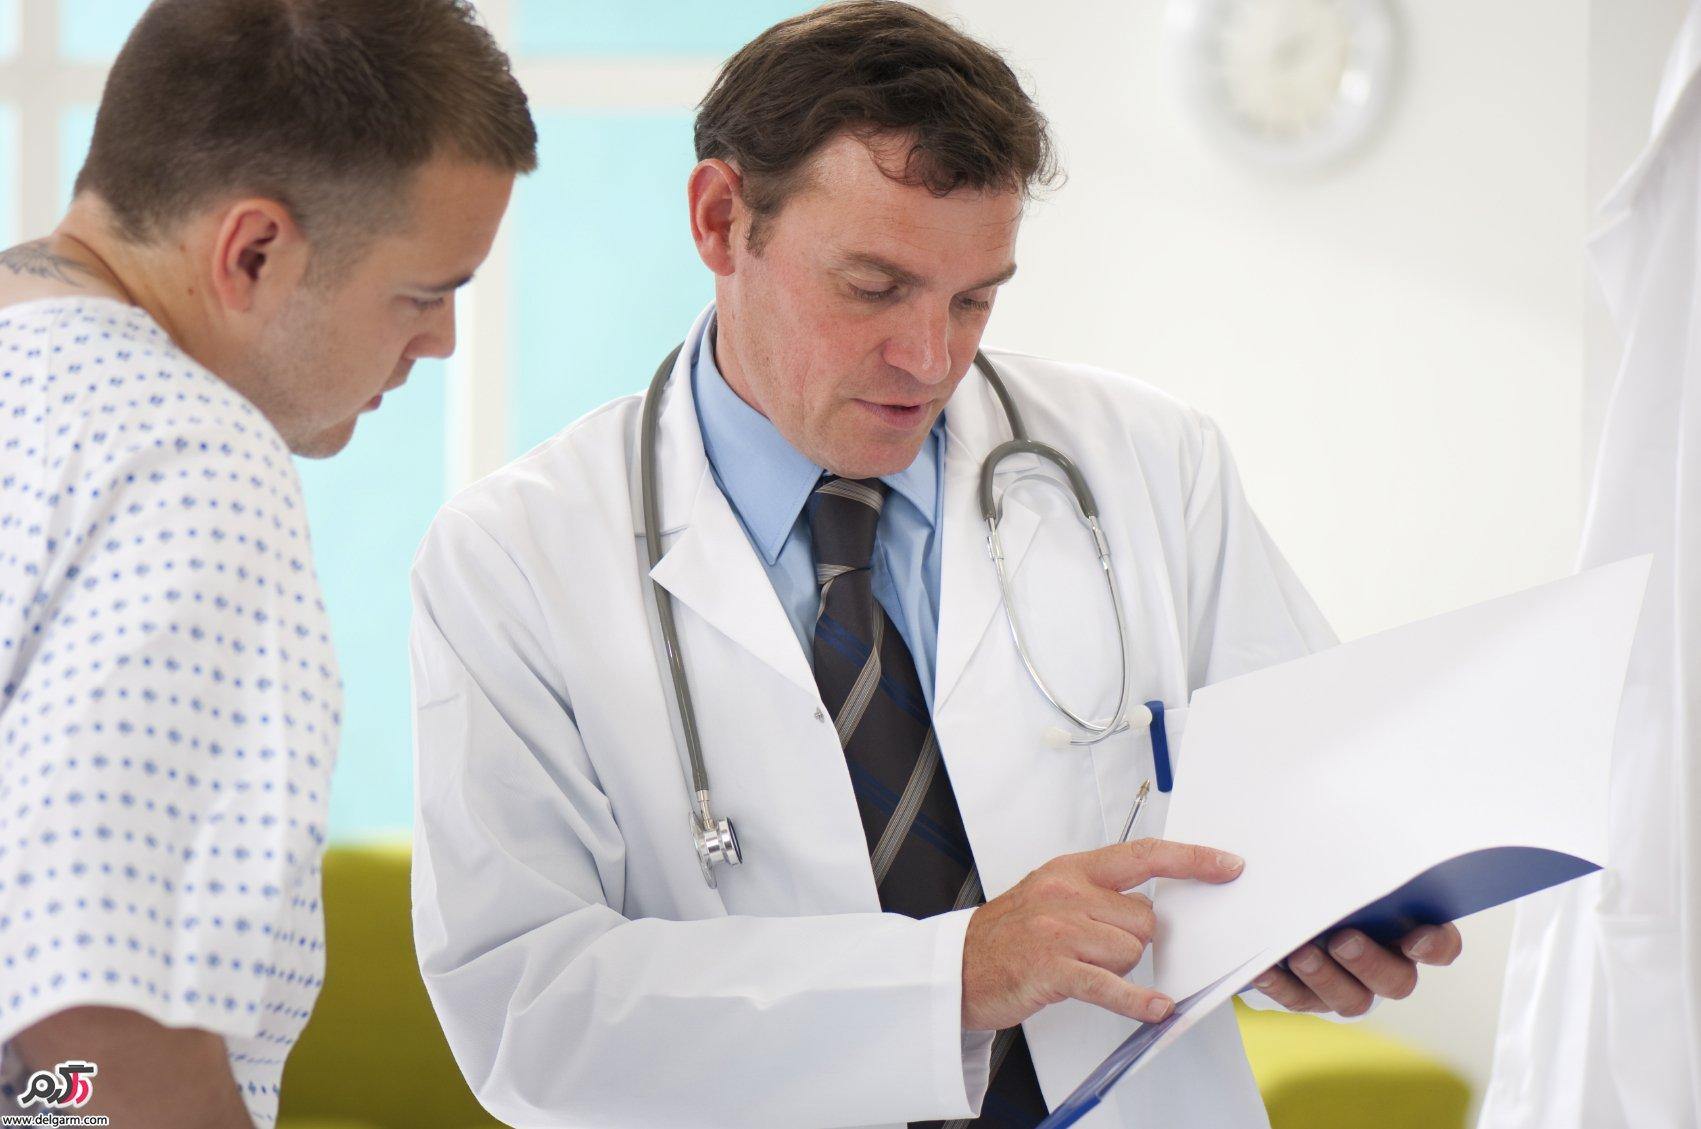 علت و درمان کوچکی یکی از بیضه ها